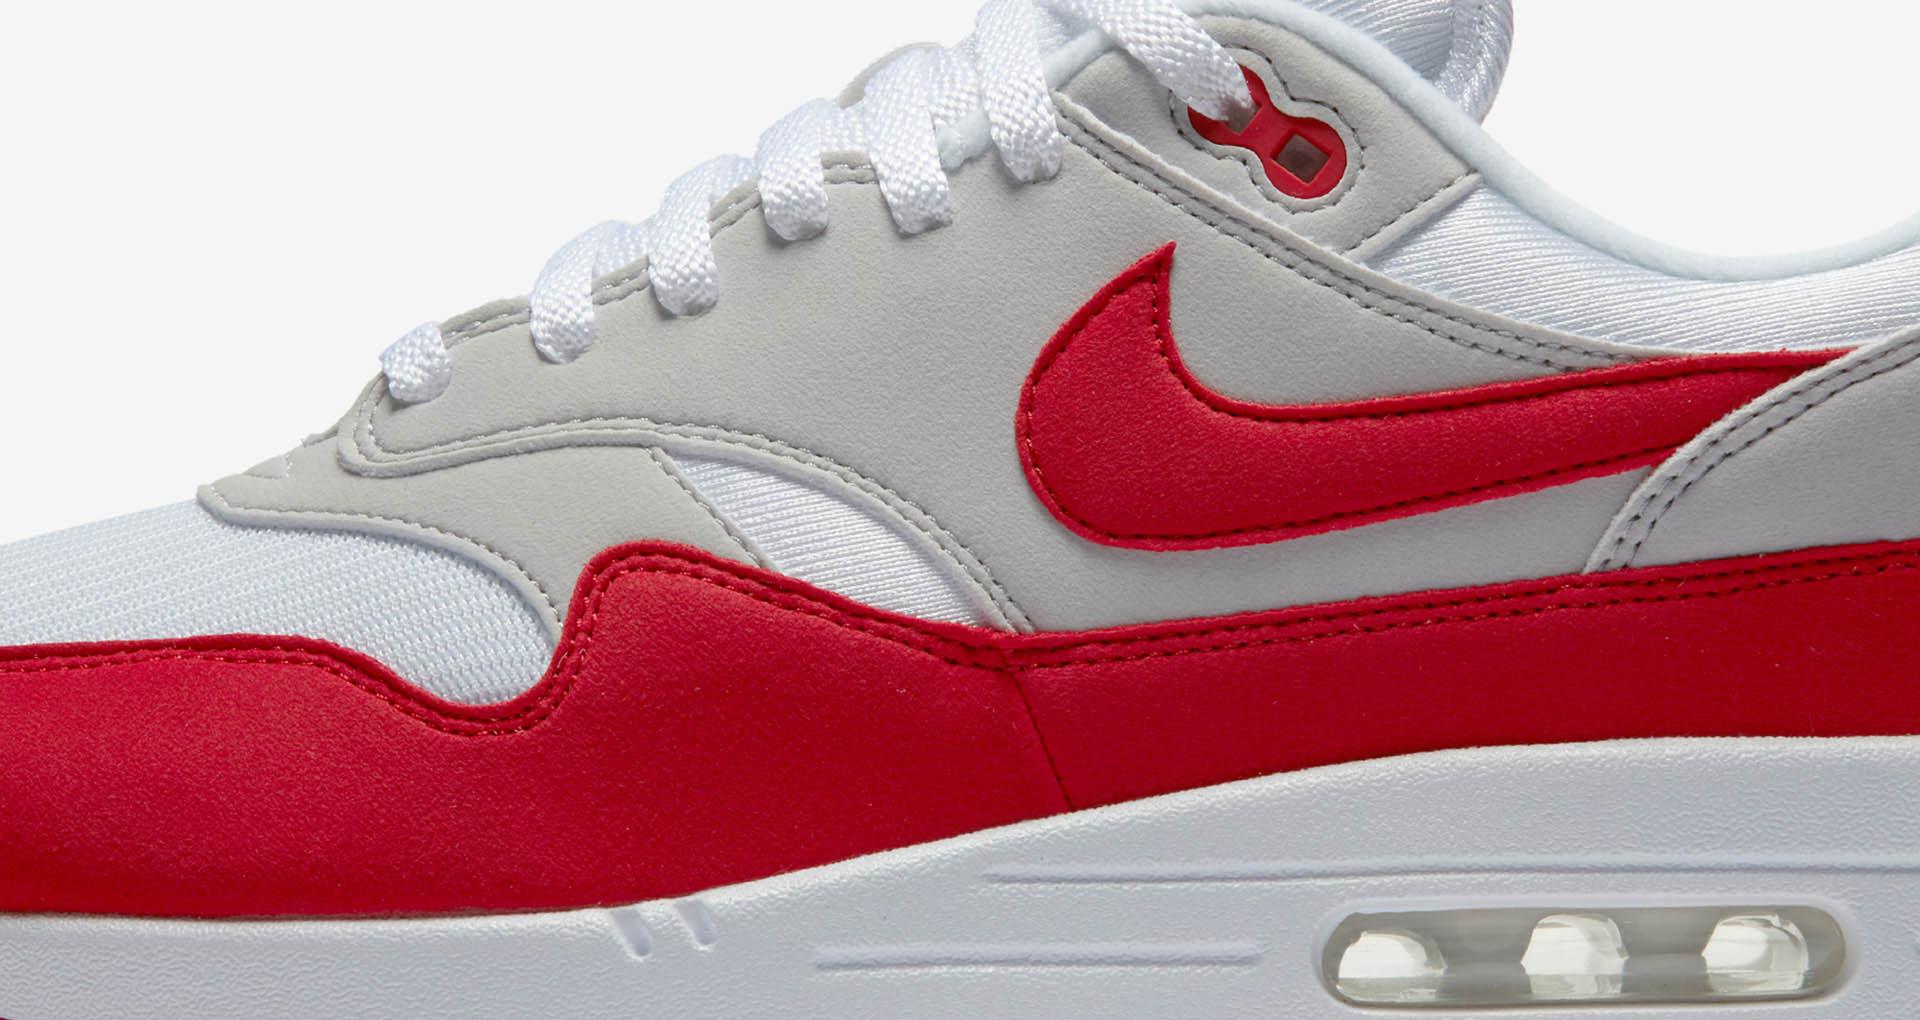 Nike Air Max, à l'origine du succès